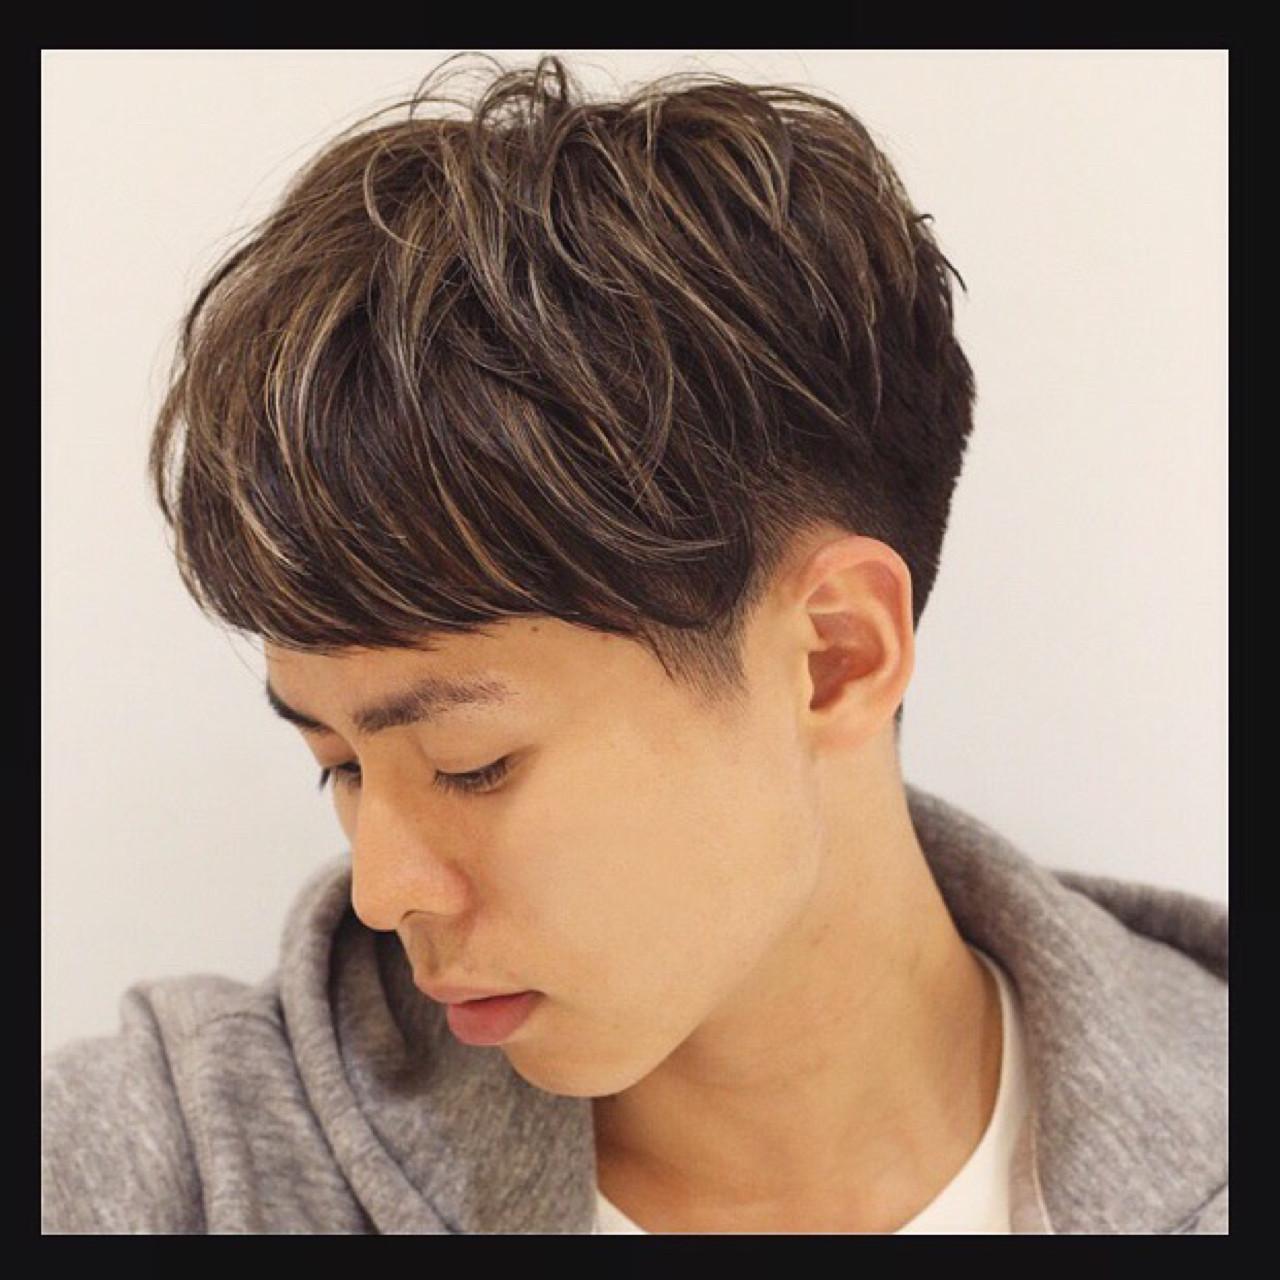 アッシュ グレージュ ショート 外国人風 ヘアスタイルや髪型の写真・画像 | hayase (ヨシモトハヤセ) / Nove Lina